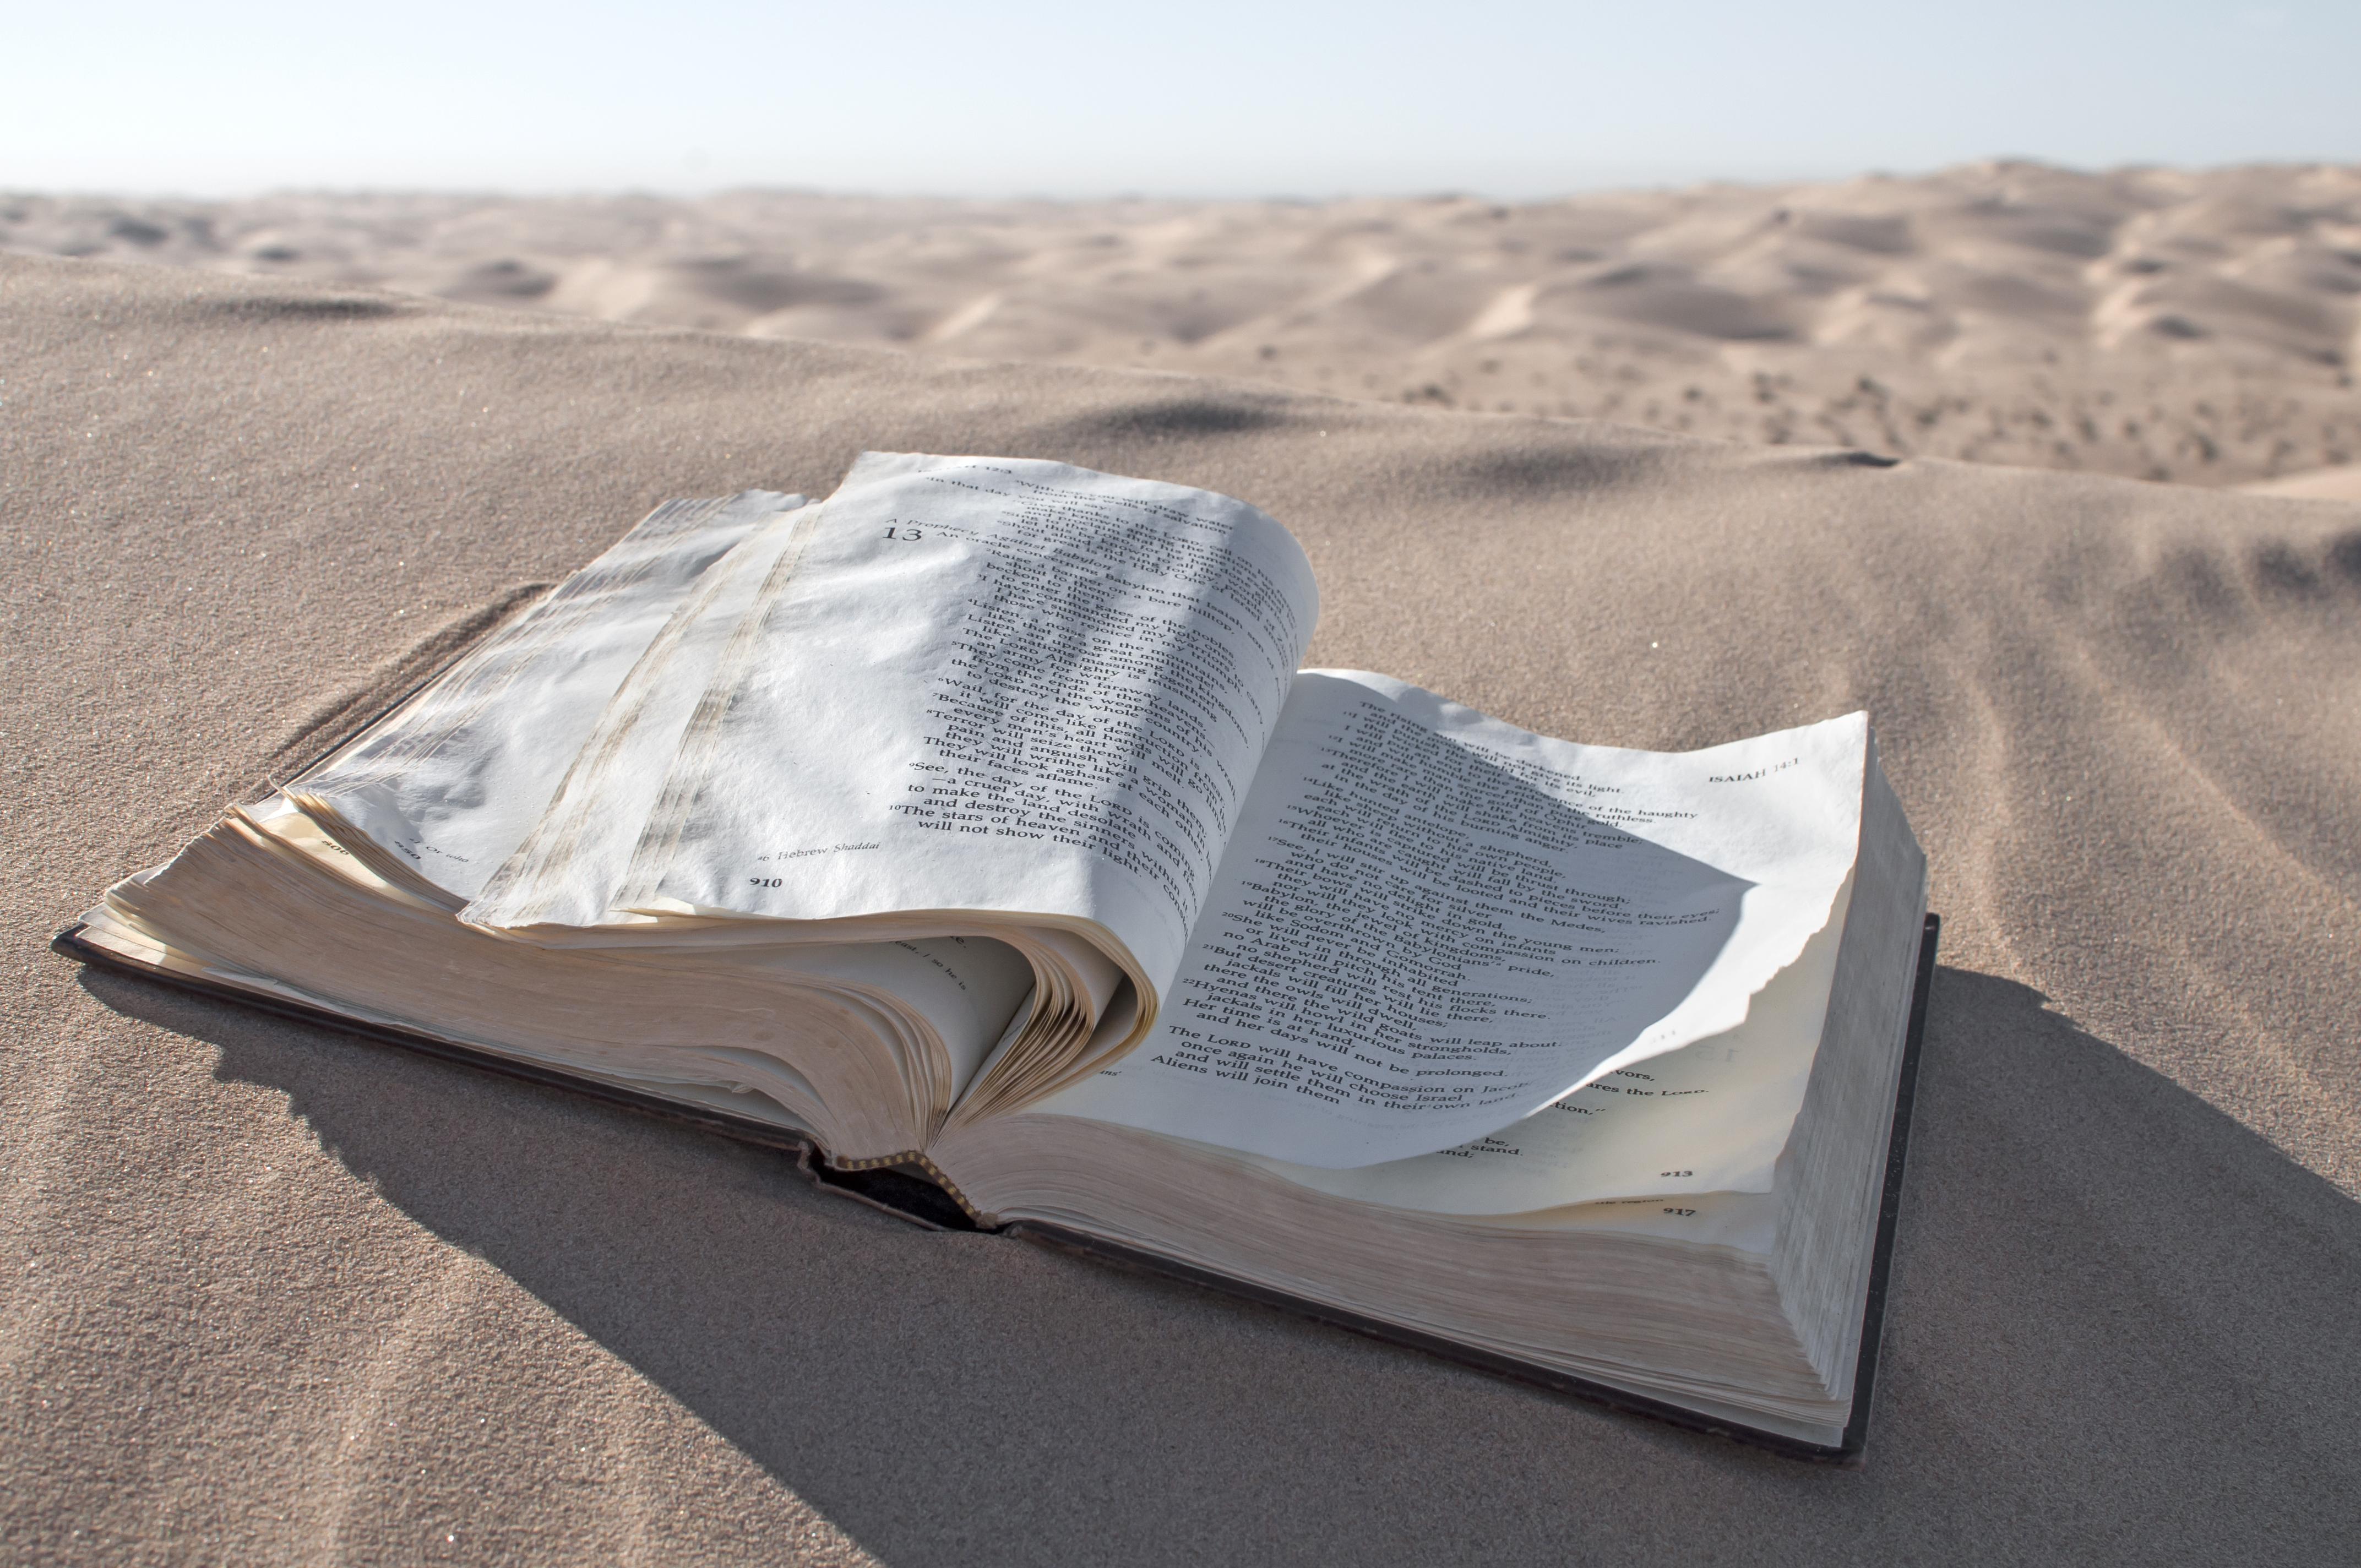 033070670-bible-desert